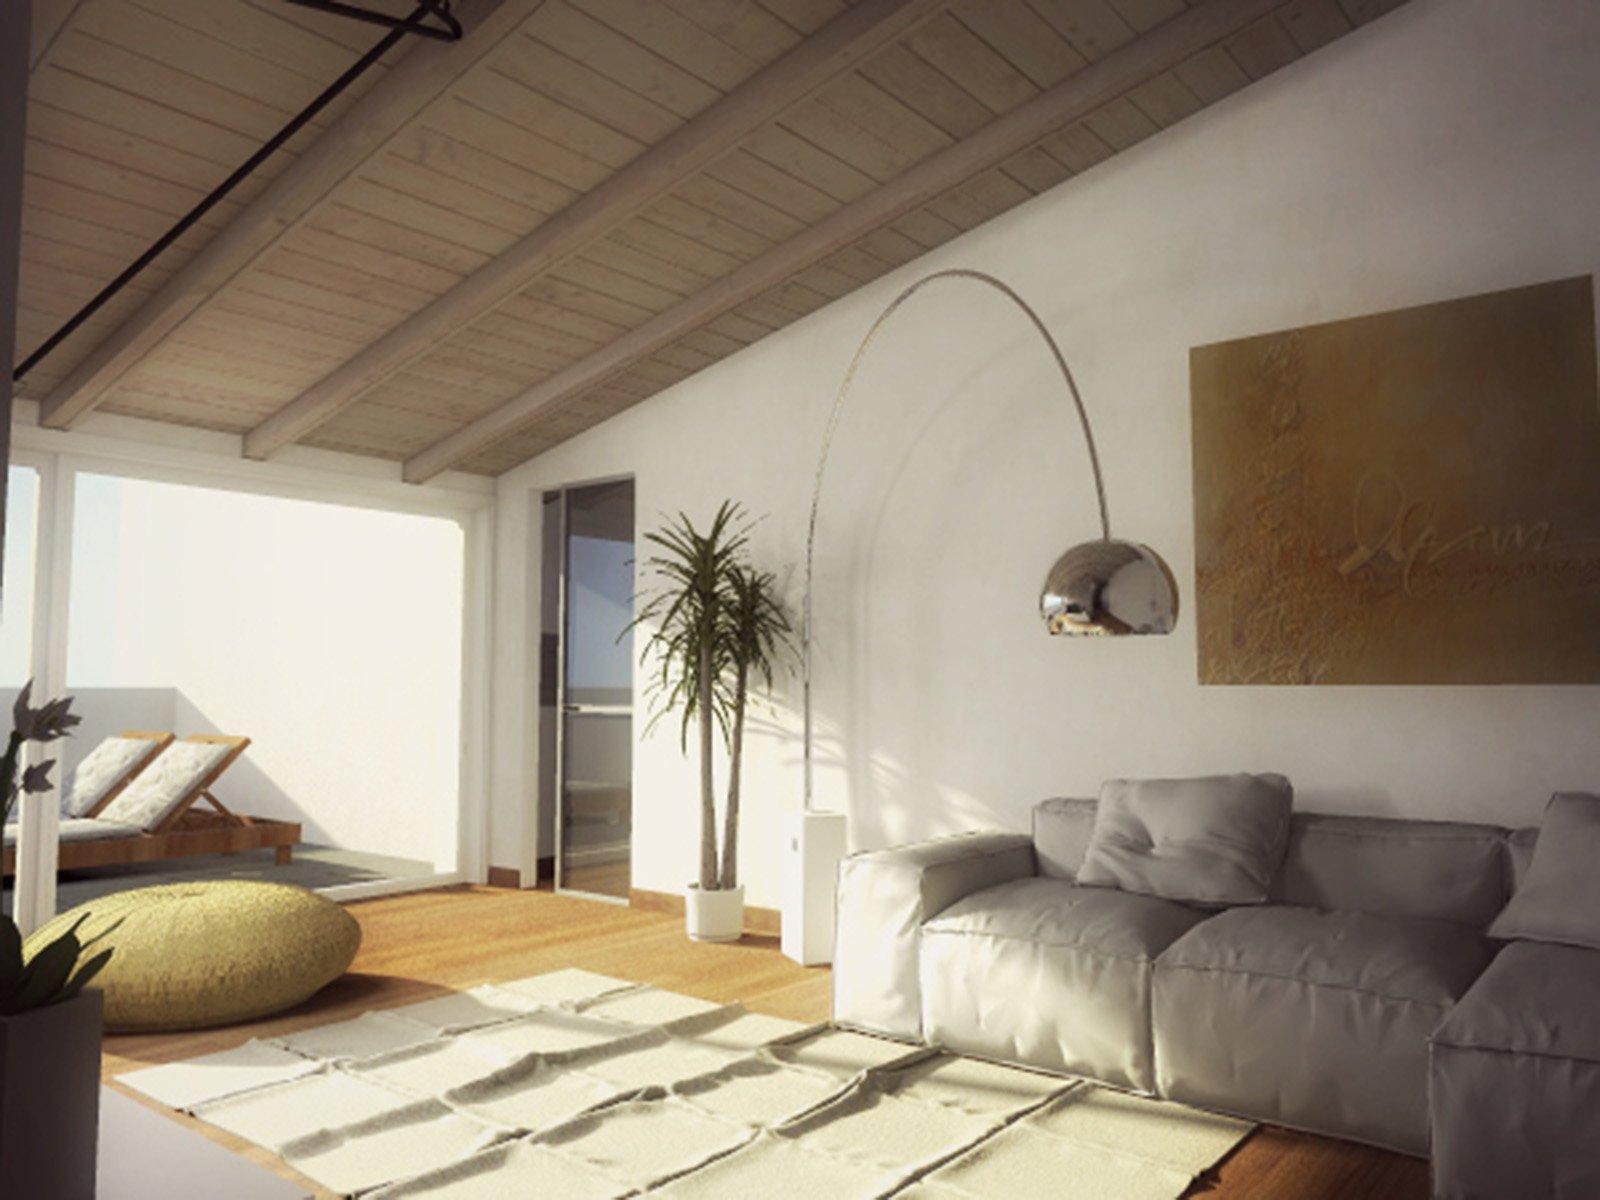 Mansarda una casa sottotetto luminosa e contemporanea for Illuminazione sottotetto legno